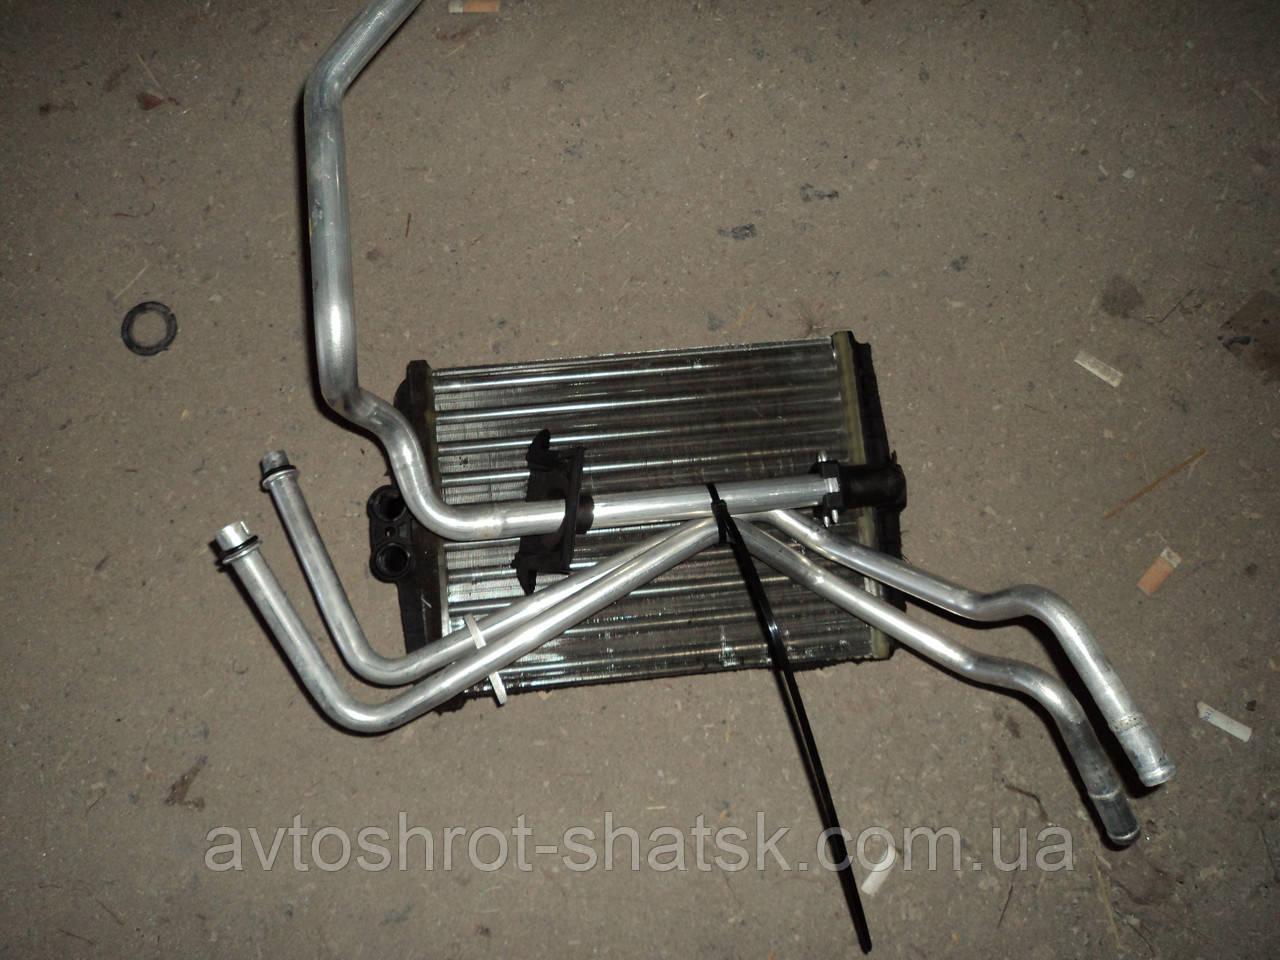 Б/У радиатор печки Mercedes-Benz W202